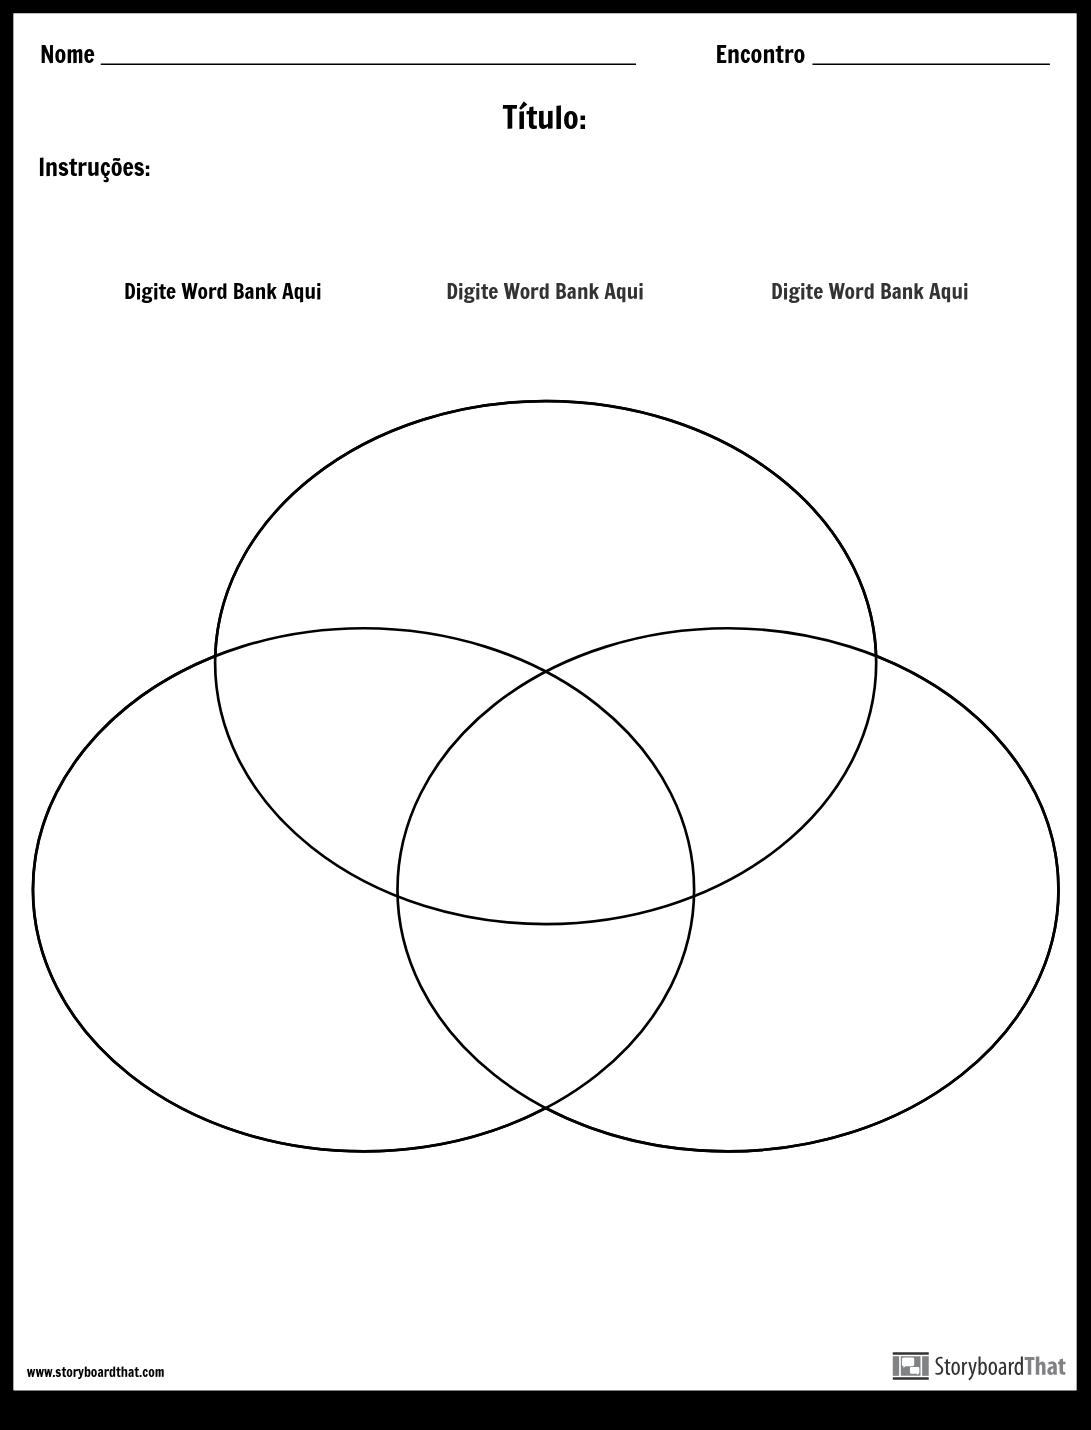 Diagrama de Venn - 3 Storyboard por pt-examples